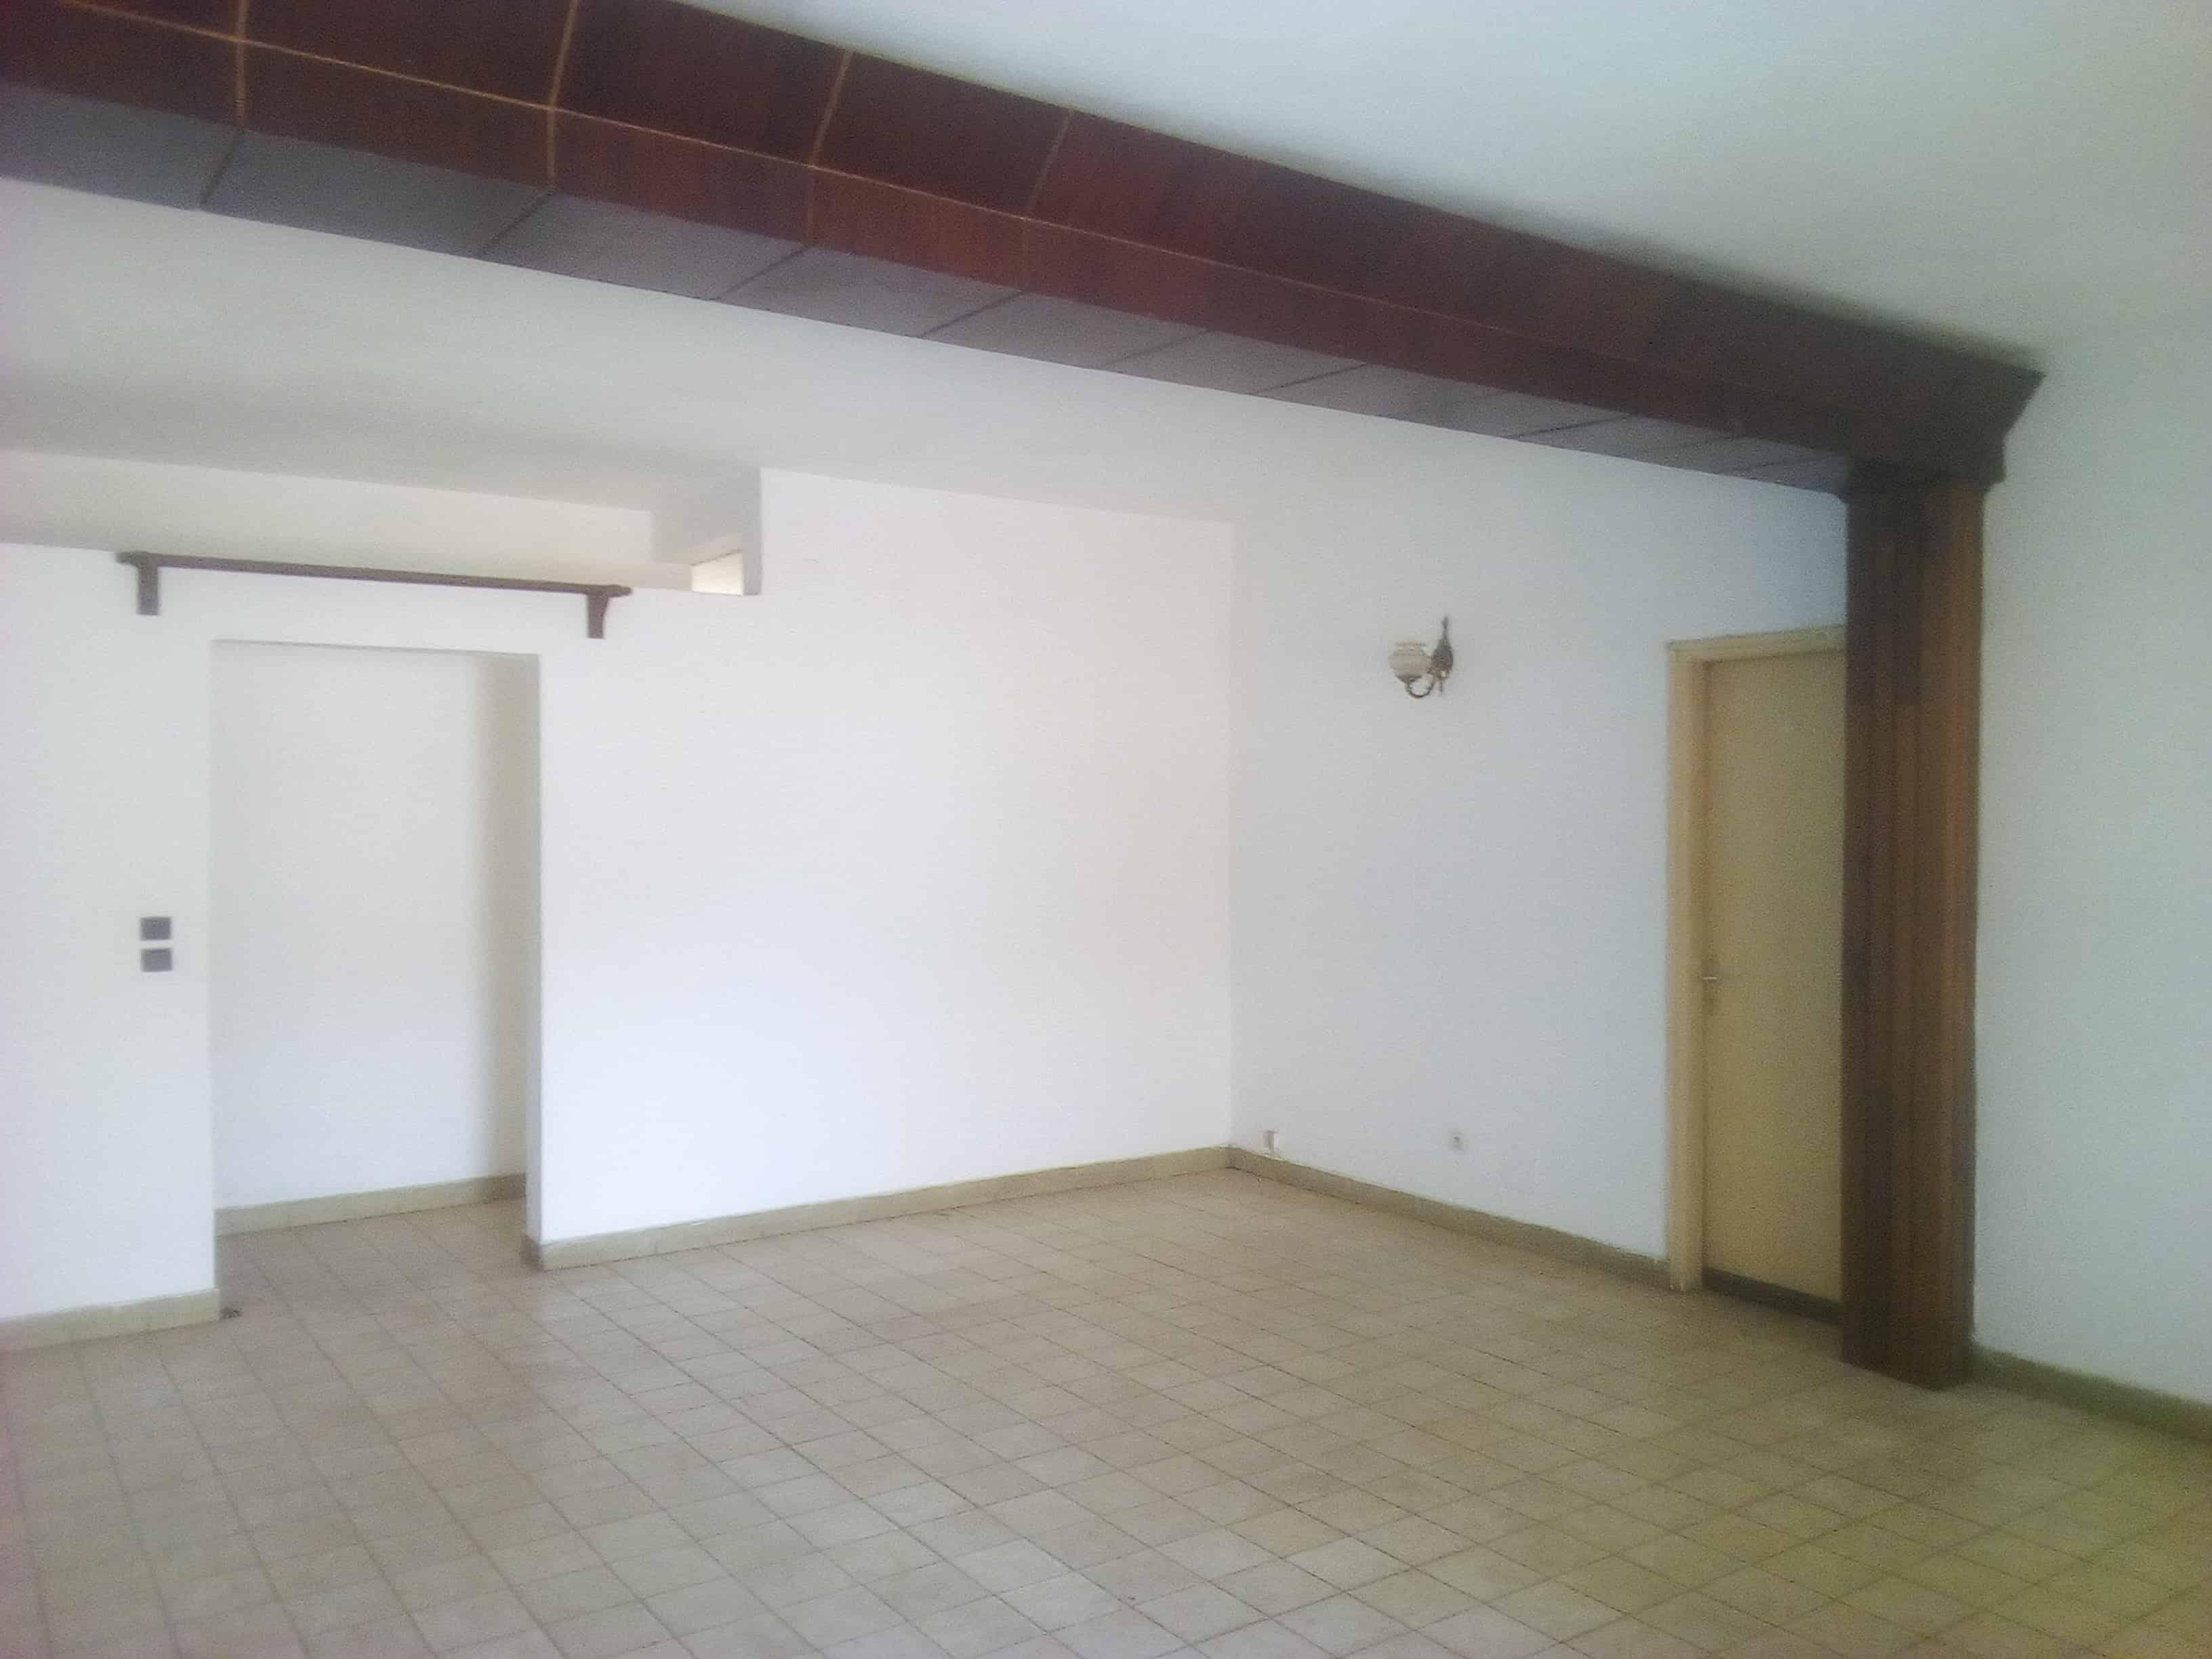 Bureau à louer à Yaoundé, Bastos, Nouvelle route - 400 m2 - 500 000 FCFA